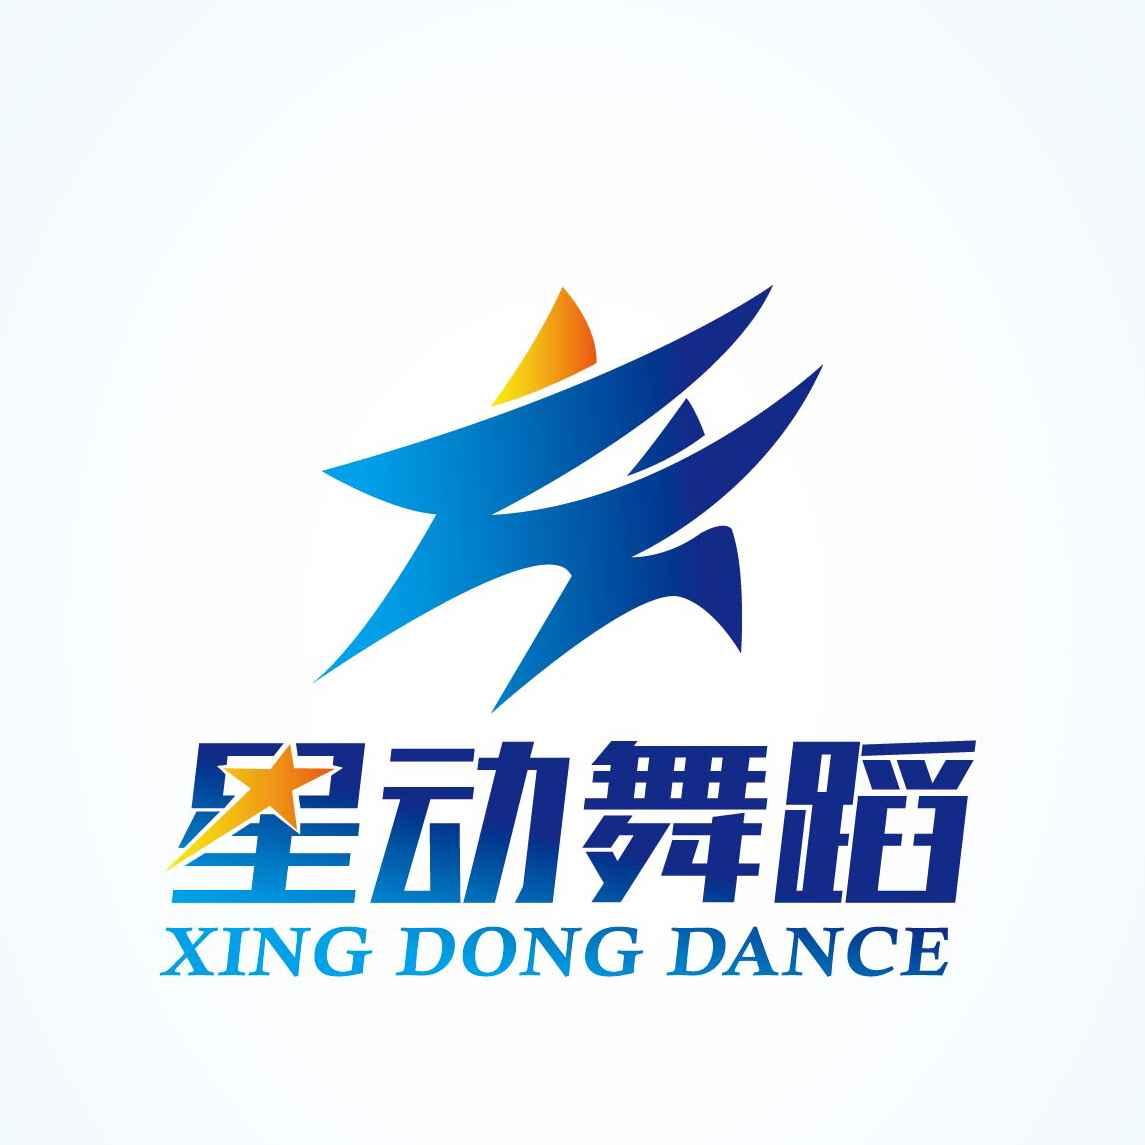 睢宁星动街舞艺术学校